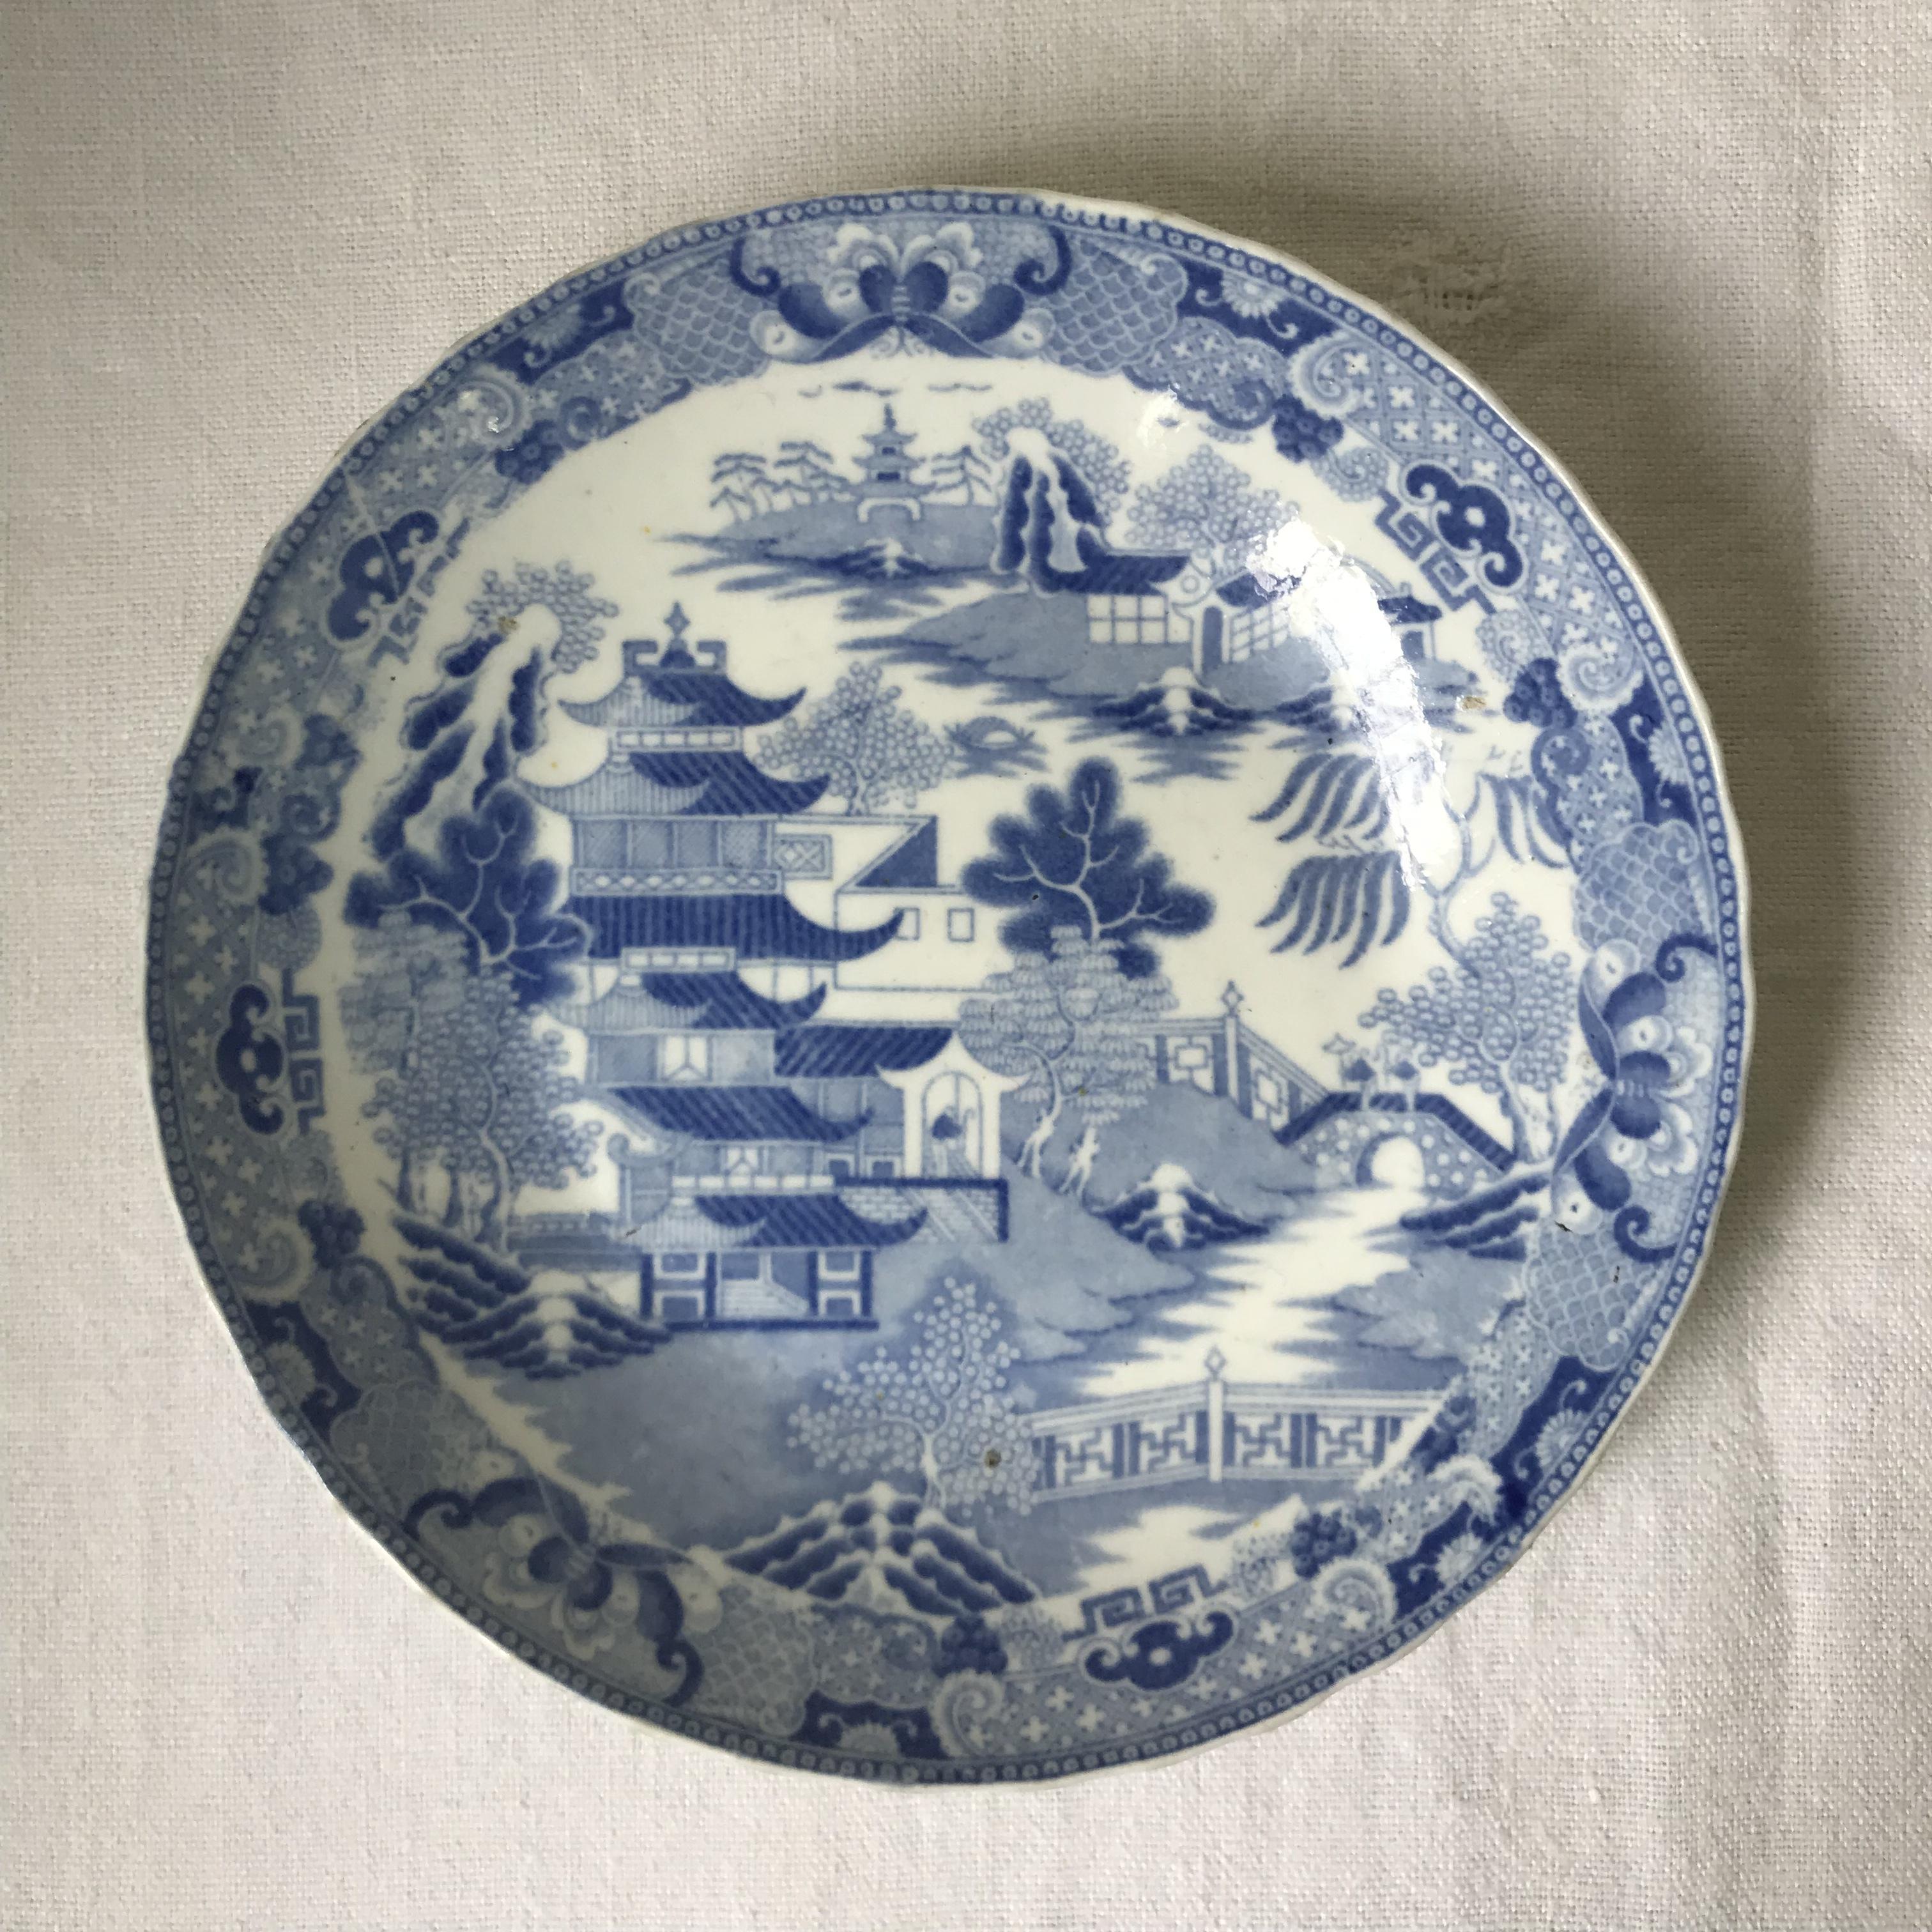 ウィロー柄の丸っこいお皿 1